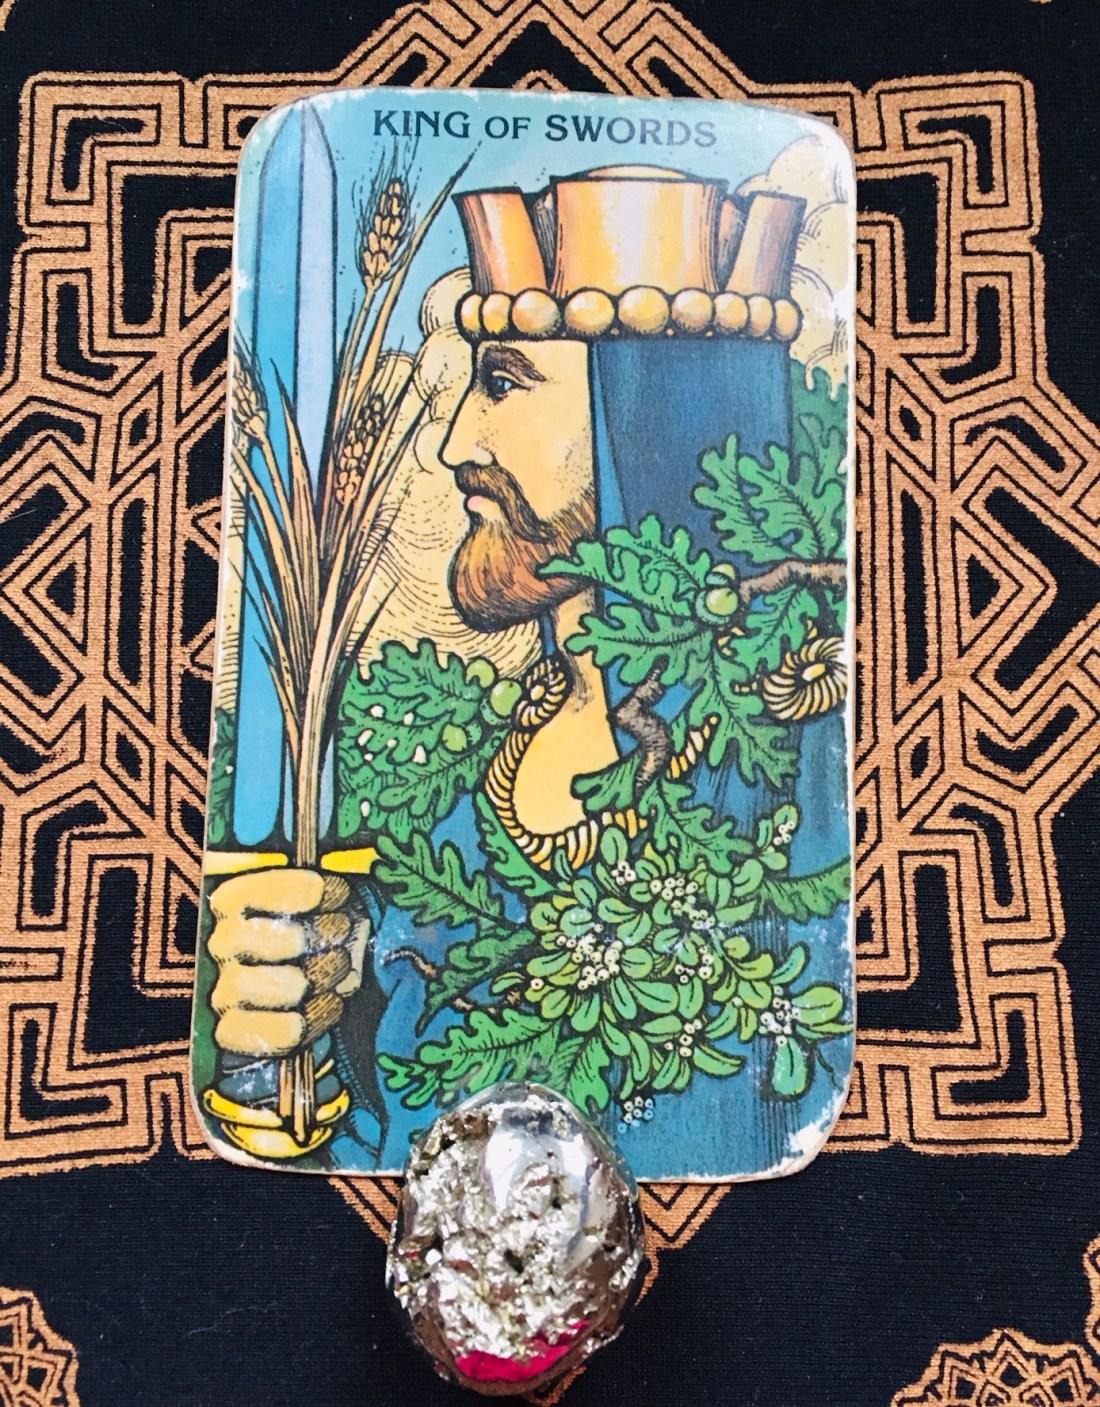 King of Swords Tarot card keep life simple